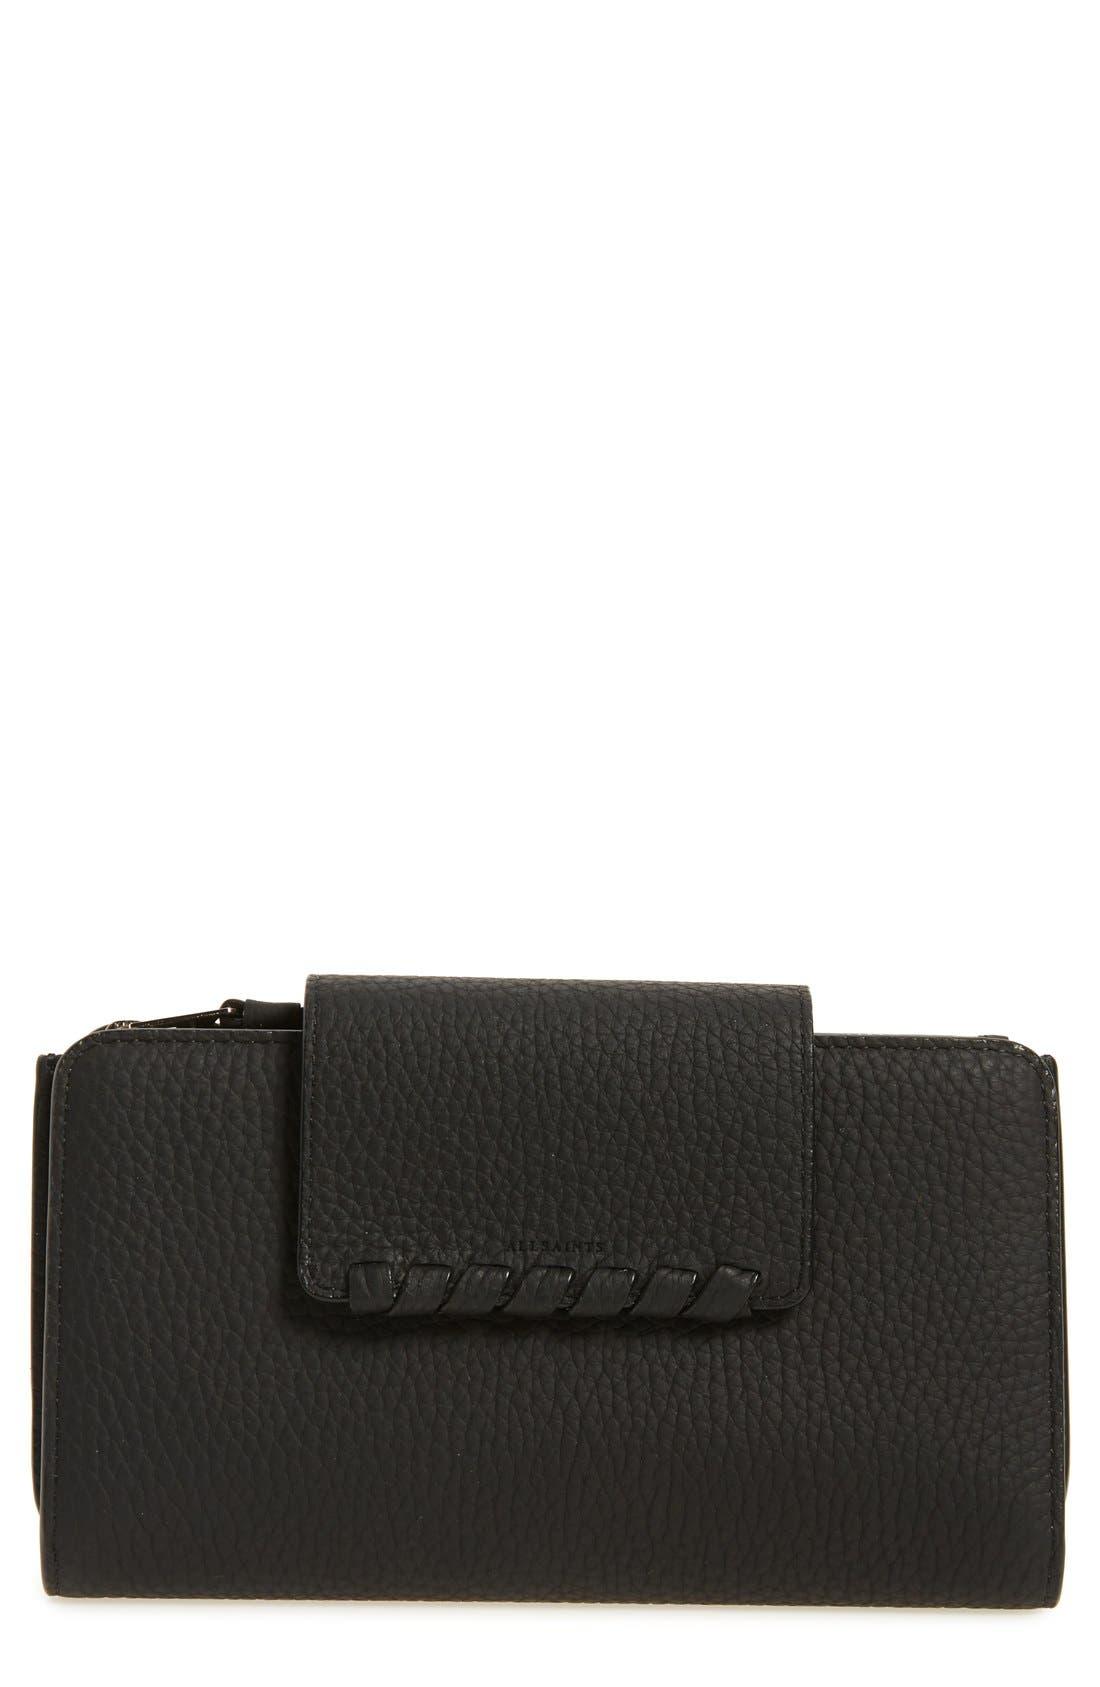 Kita Japanese Leather Wallet,                             Main thumbnail 1, color,                             001